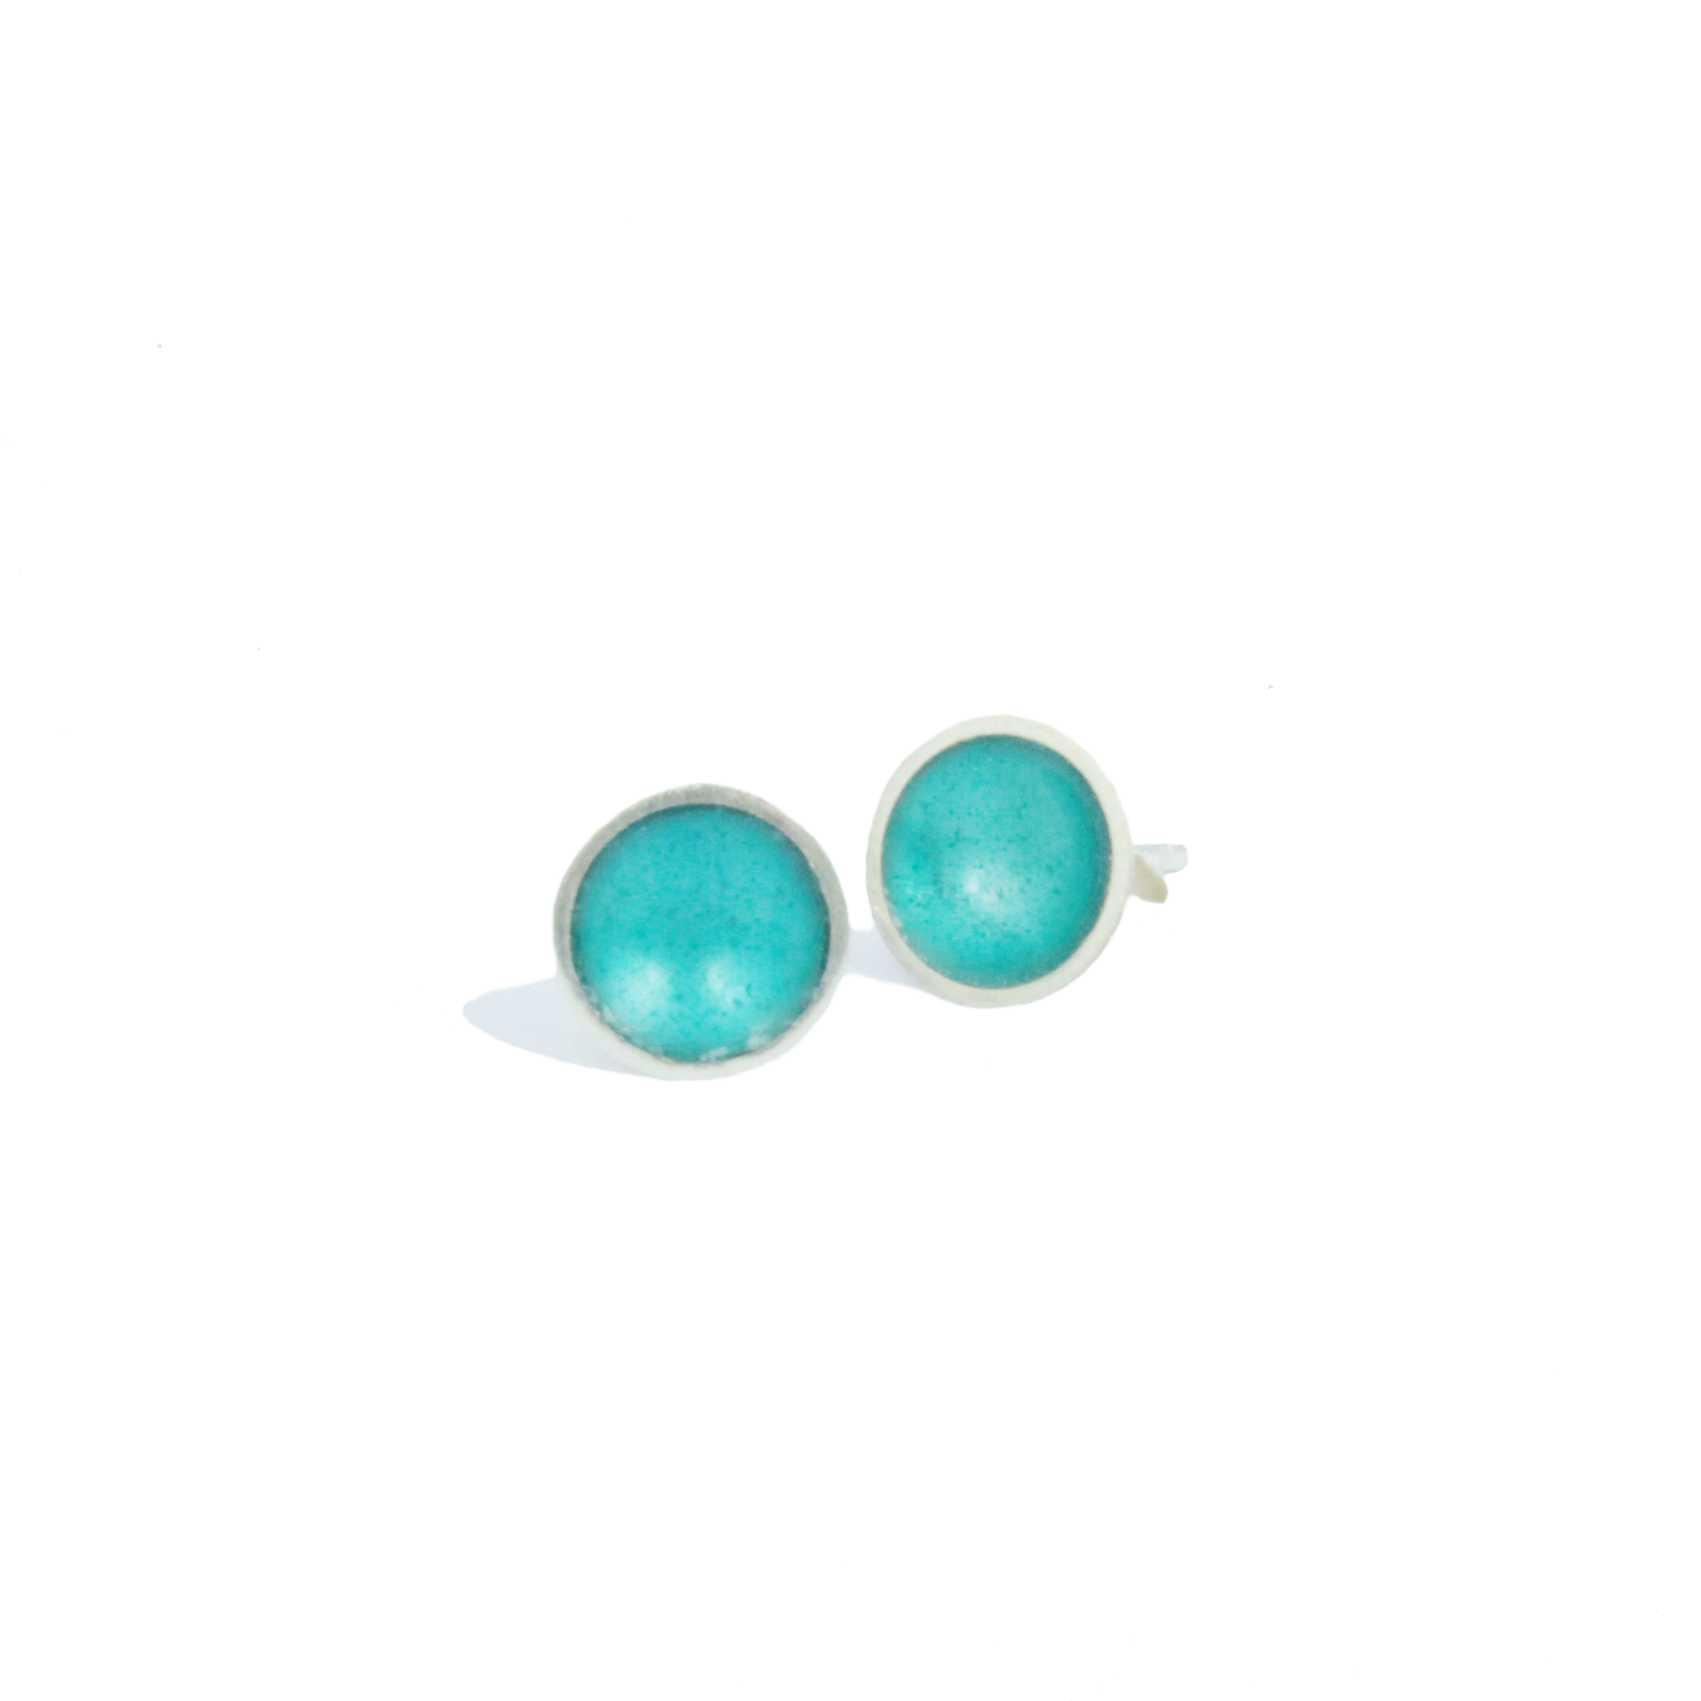 Silver and Enamel Stud Earrings Teal